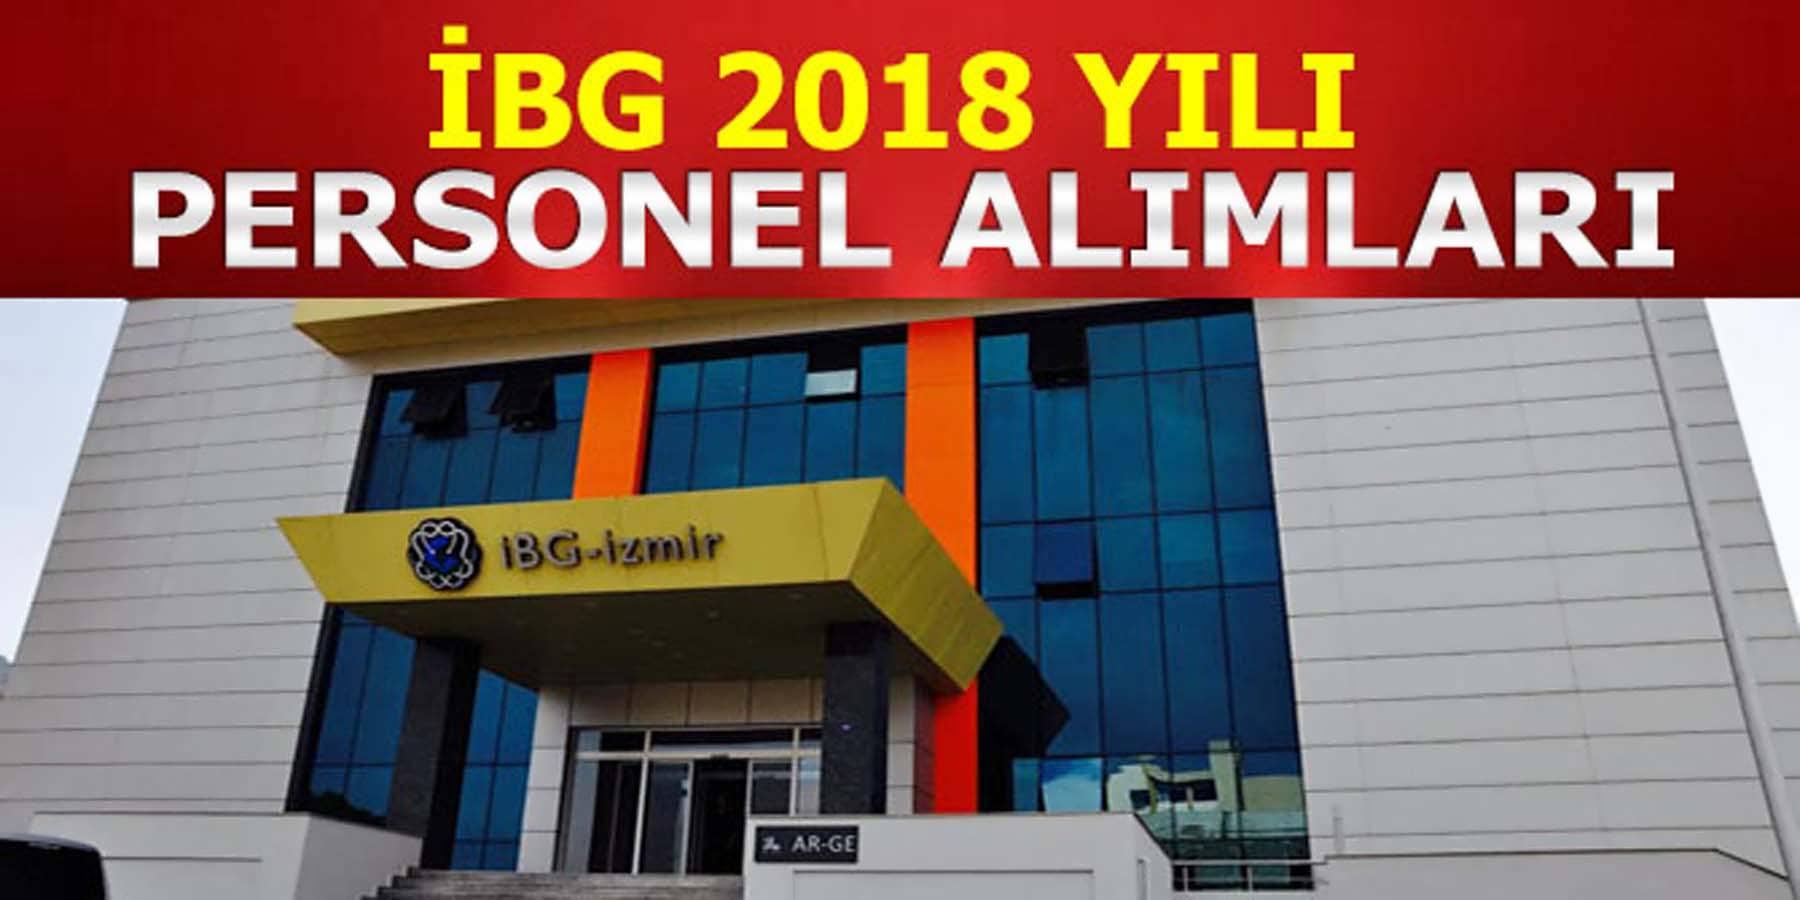 İBG 2018 Yılı Personel Alımları